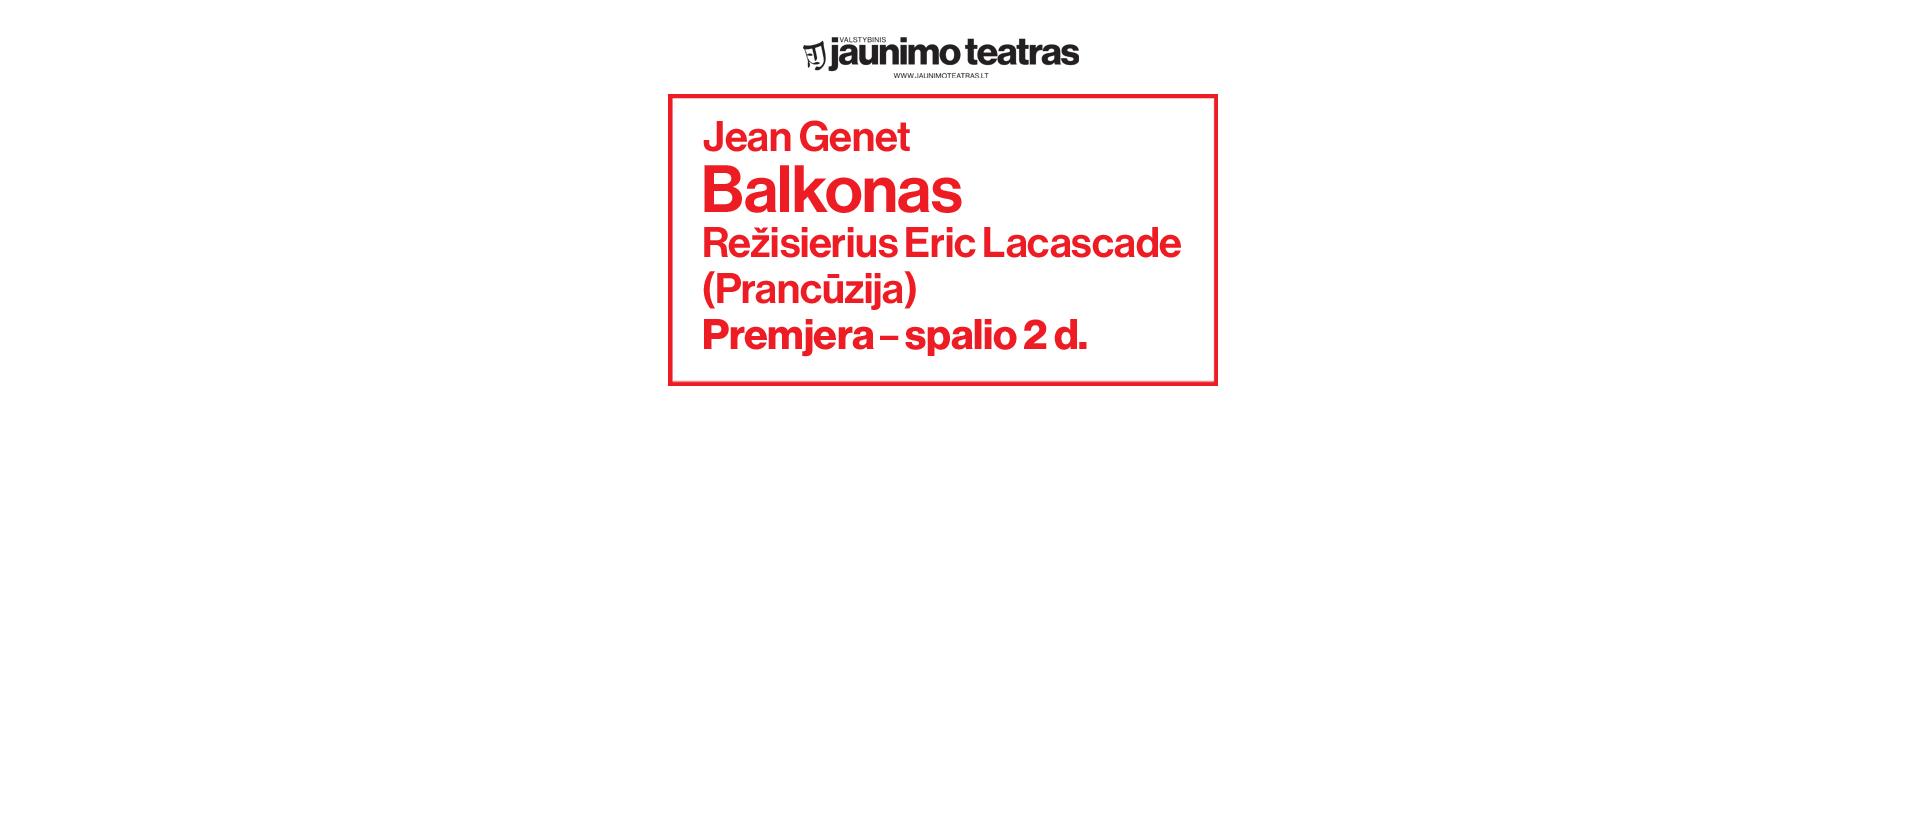 Valstybinis jaunimo teatras: Premjera BALKONAS Rež. Eric Lacascade